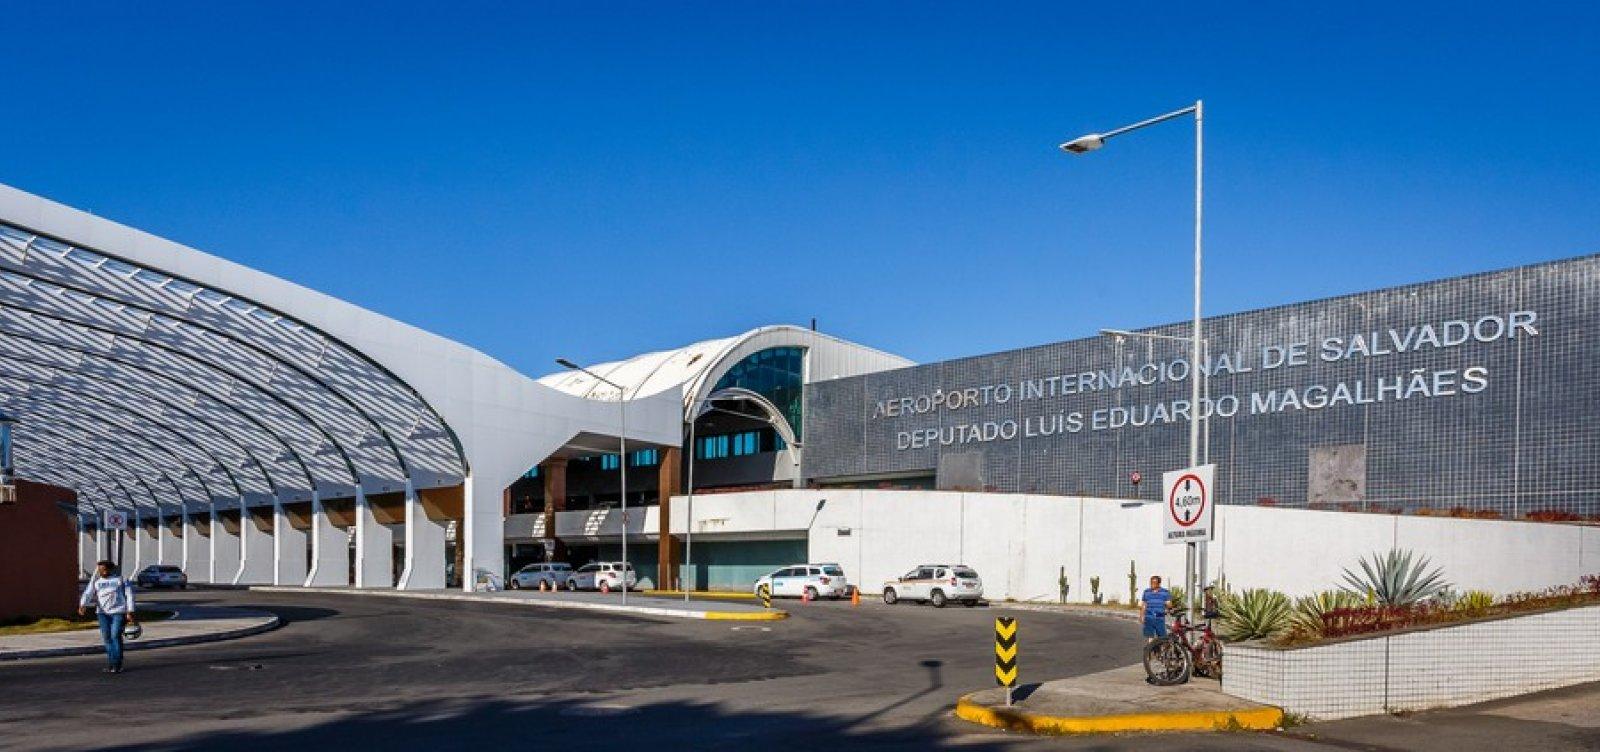 [Aeroporto de Salvador registra queda no movimento de passageiros nos primeiros meses do ano]